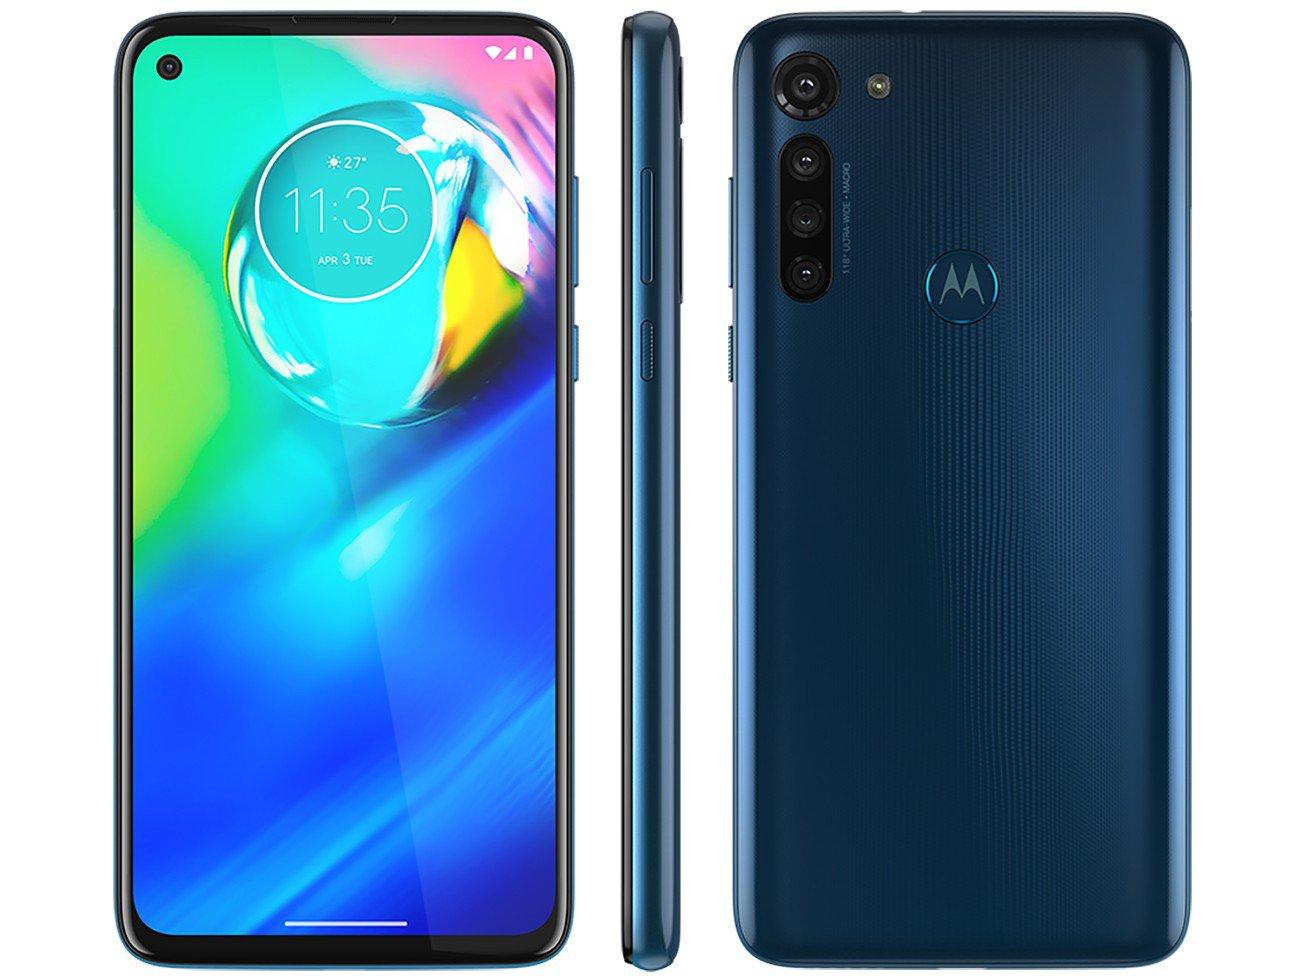 """Smartphone Motorola Moto G8 Power Azul Atlântico 64GB, Tela de 6.4"""" FHD+, Câmera Traseira Quádrupla, Android 10 e Processador Qualcomm Octa-Core - 1"""